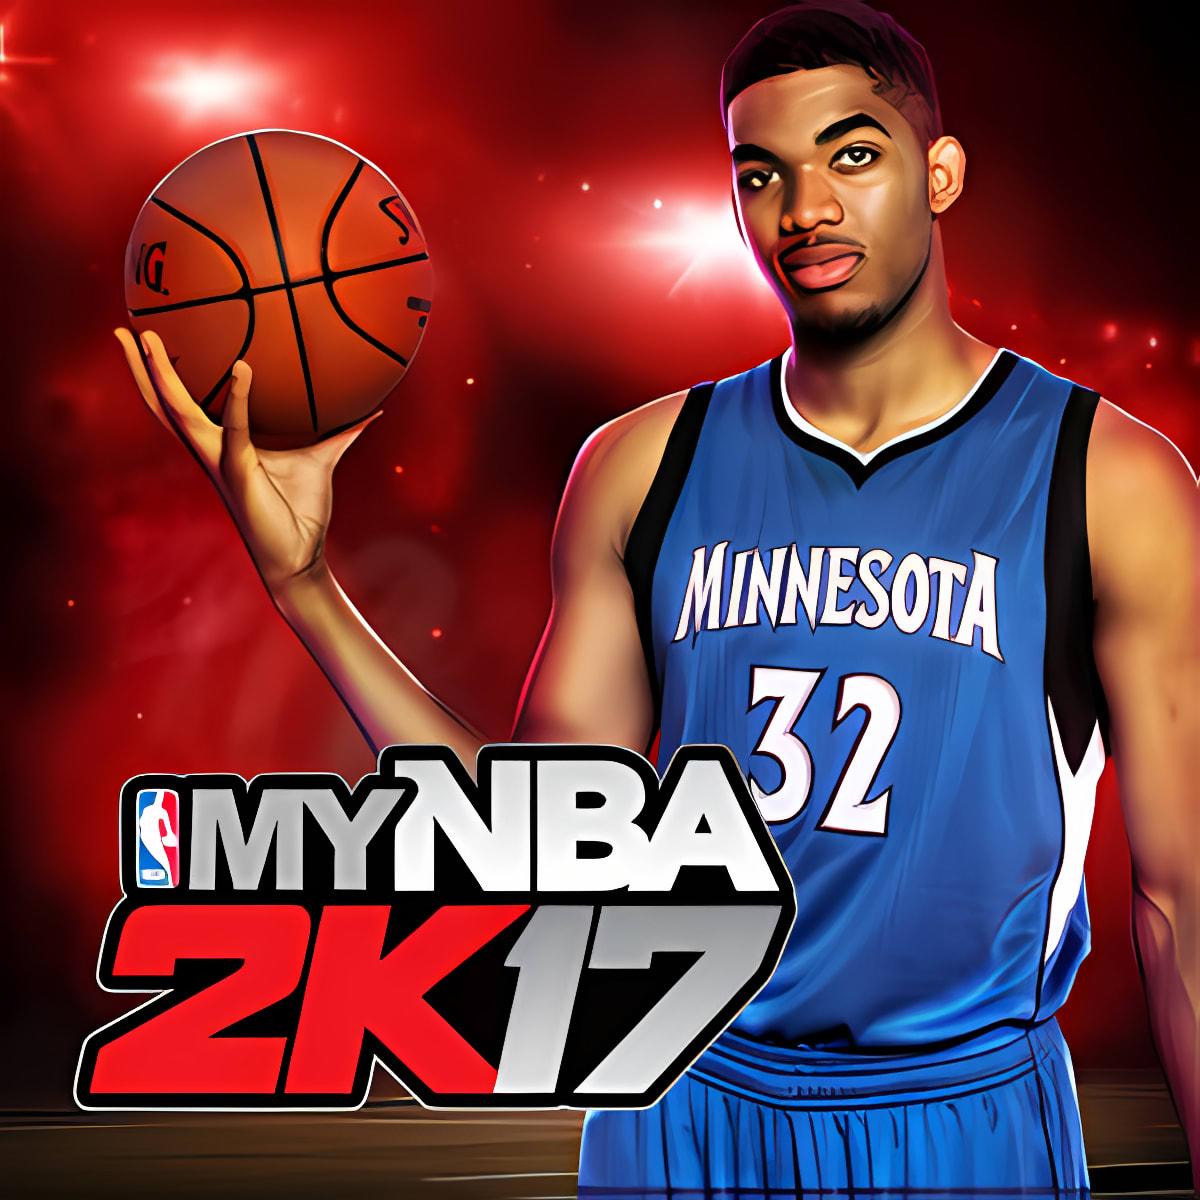 My NBA 2K17